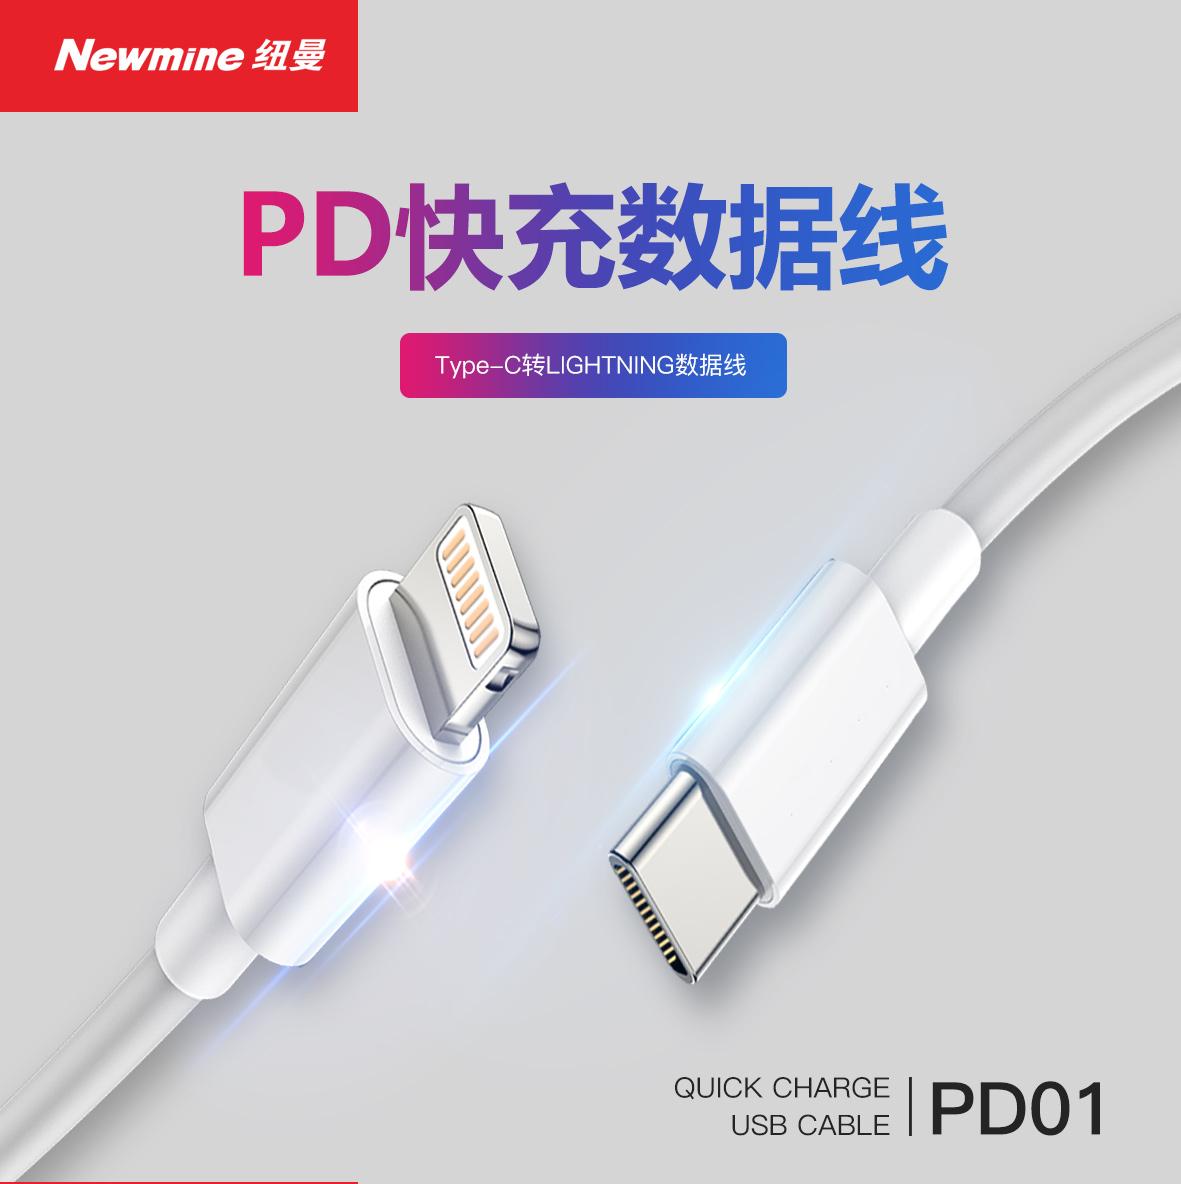 PD01 PD快充数据线 Type-C转Lightning